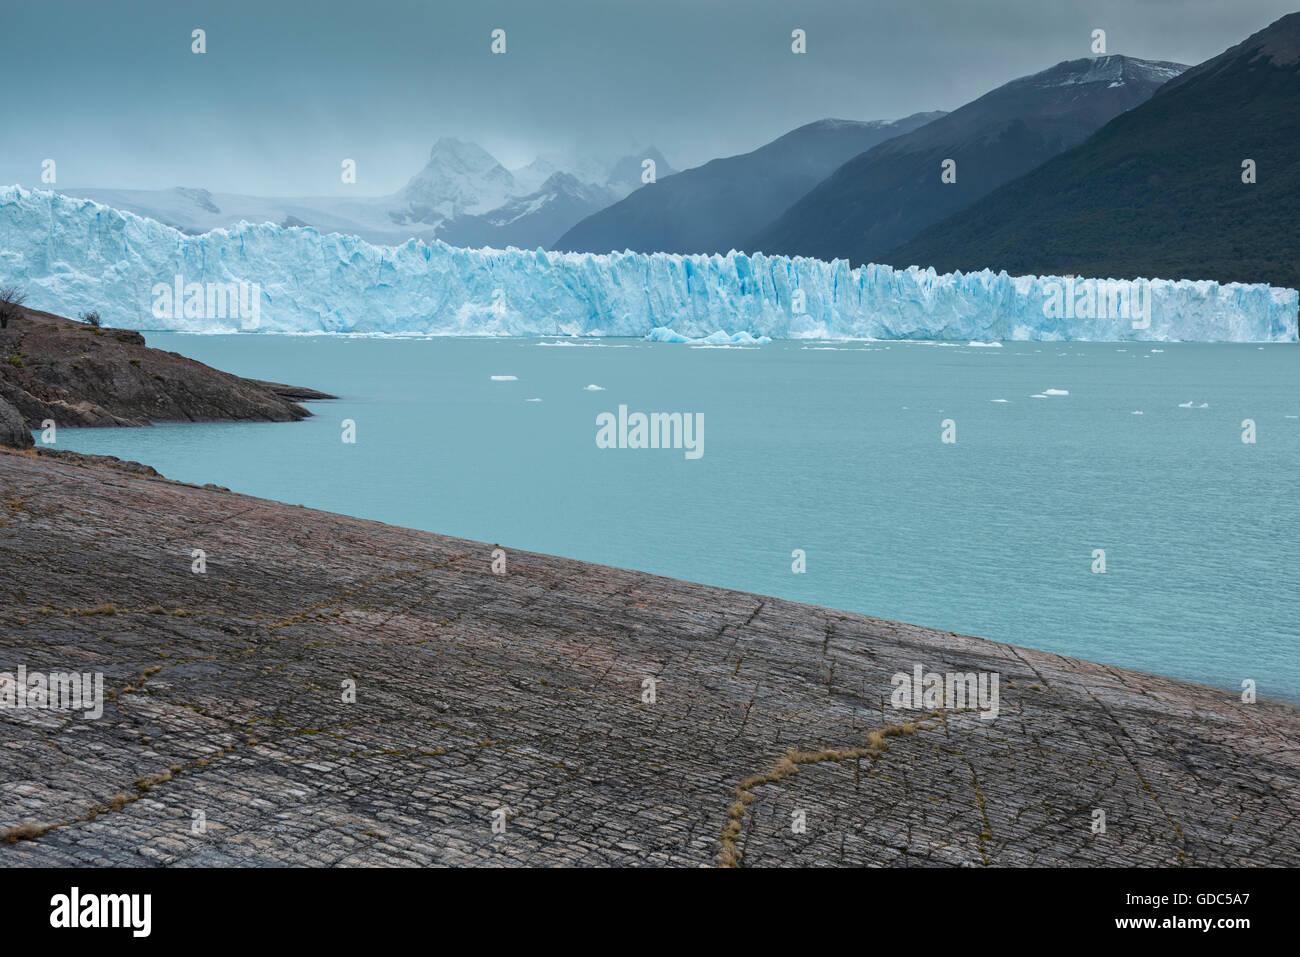 South America,Argentina,Patagonia,Santa Cruz,Puerta Bandera,Los Glaciares,National Park,Perito Moreno Glacier,UNESCO,Wo - Stock Image